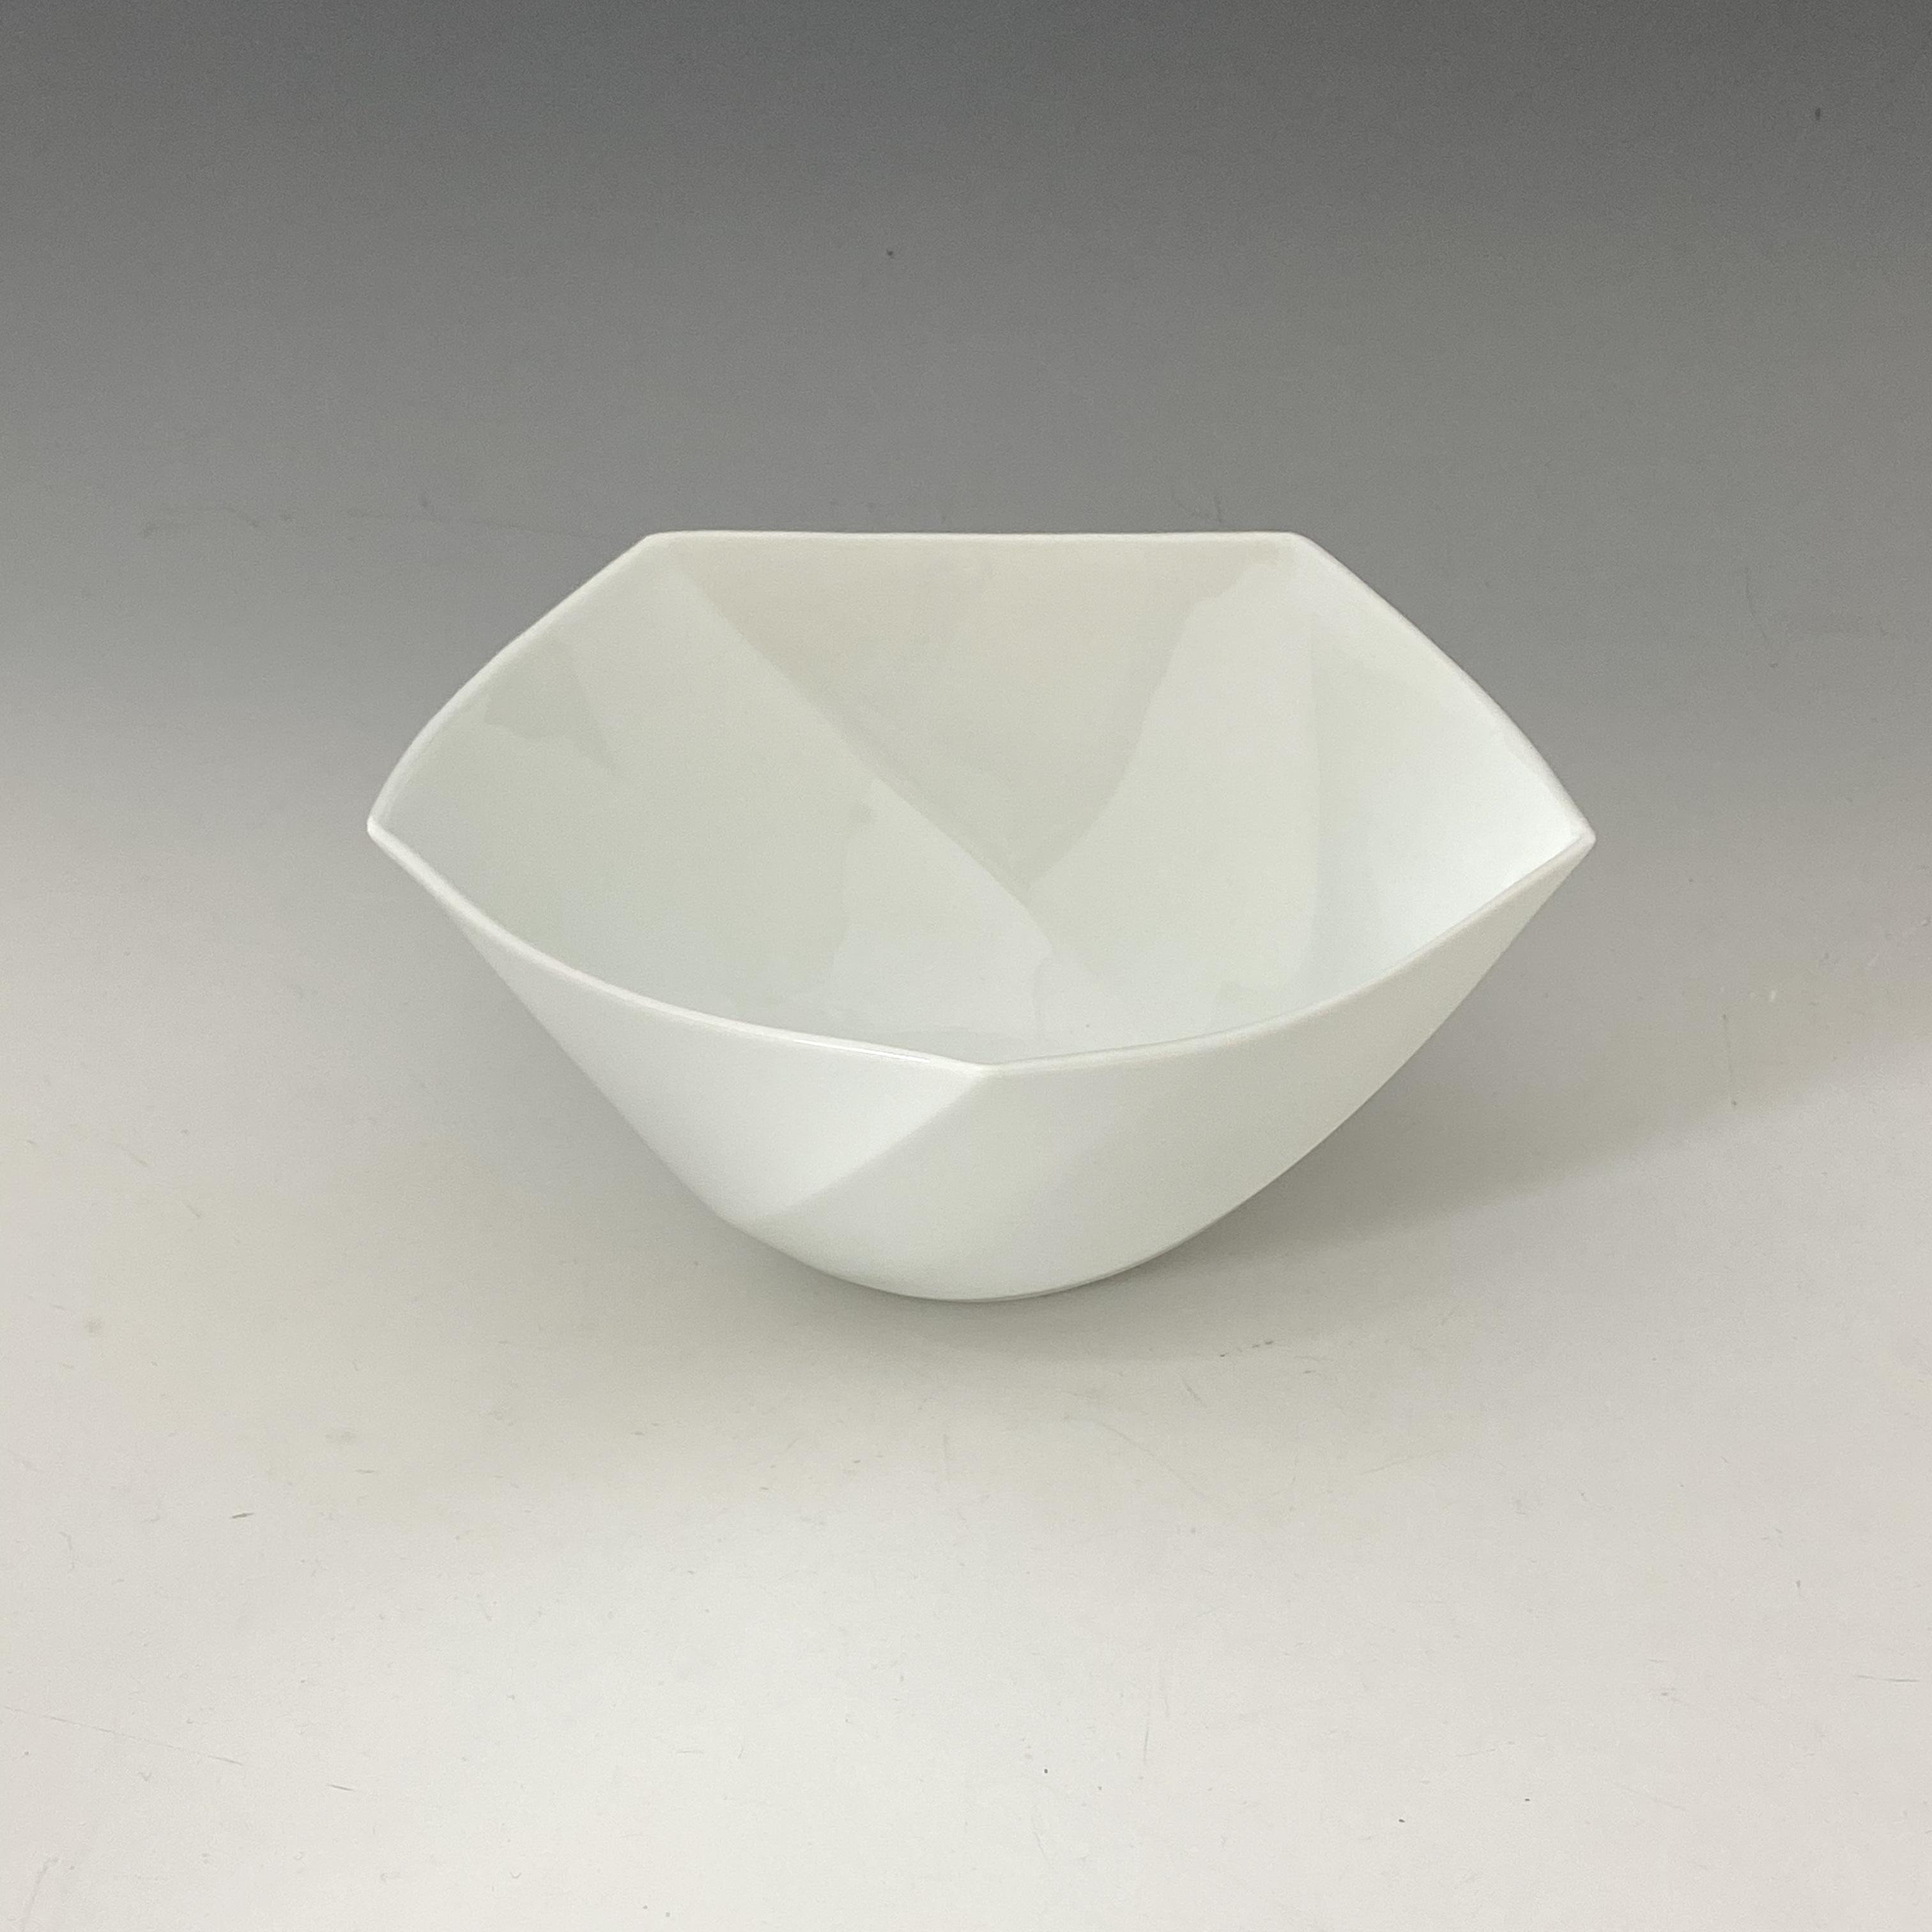 【中尾純】白磁五角鉢